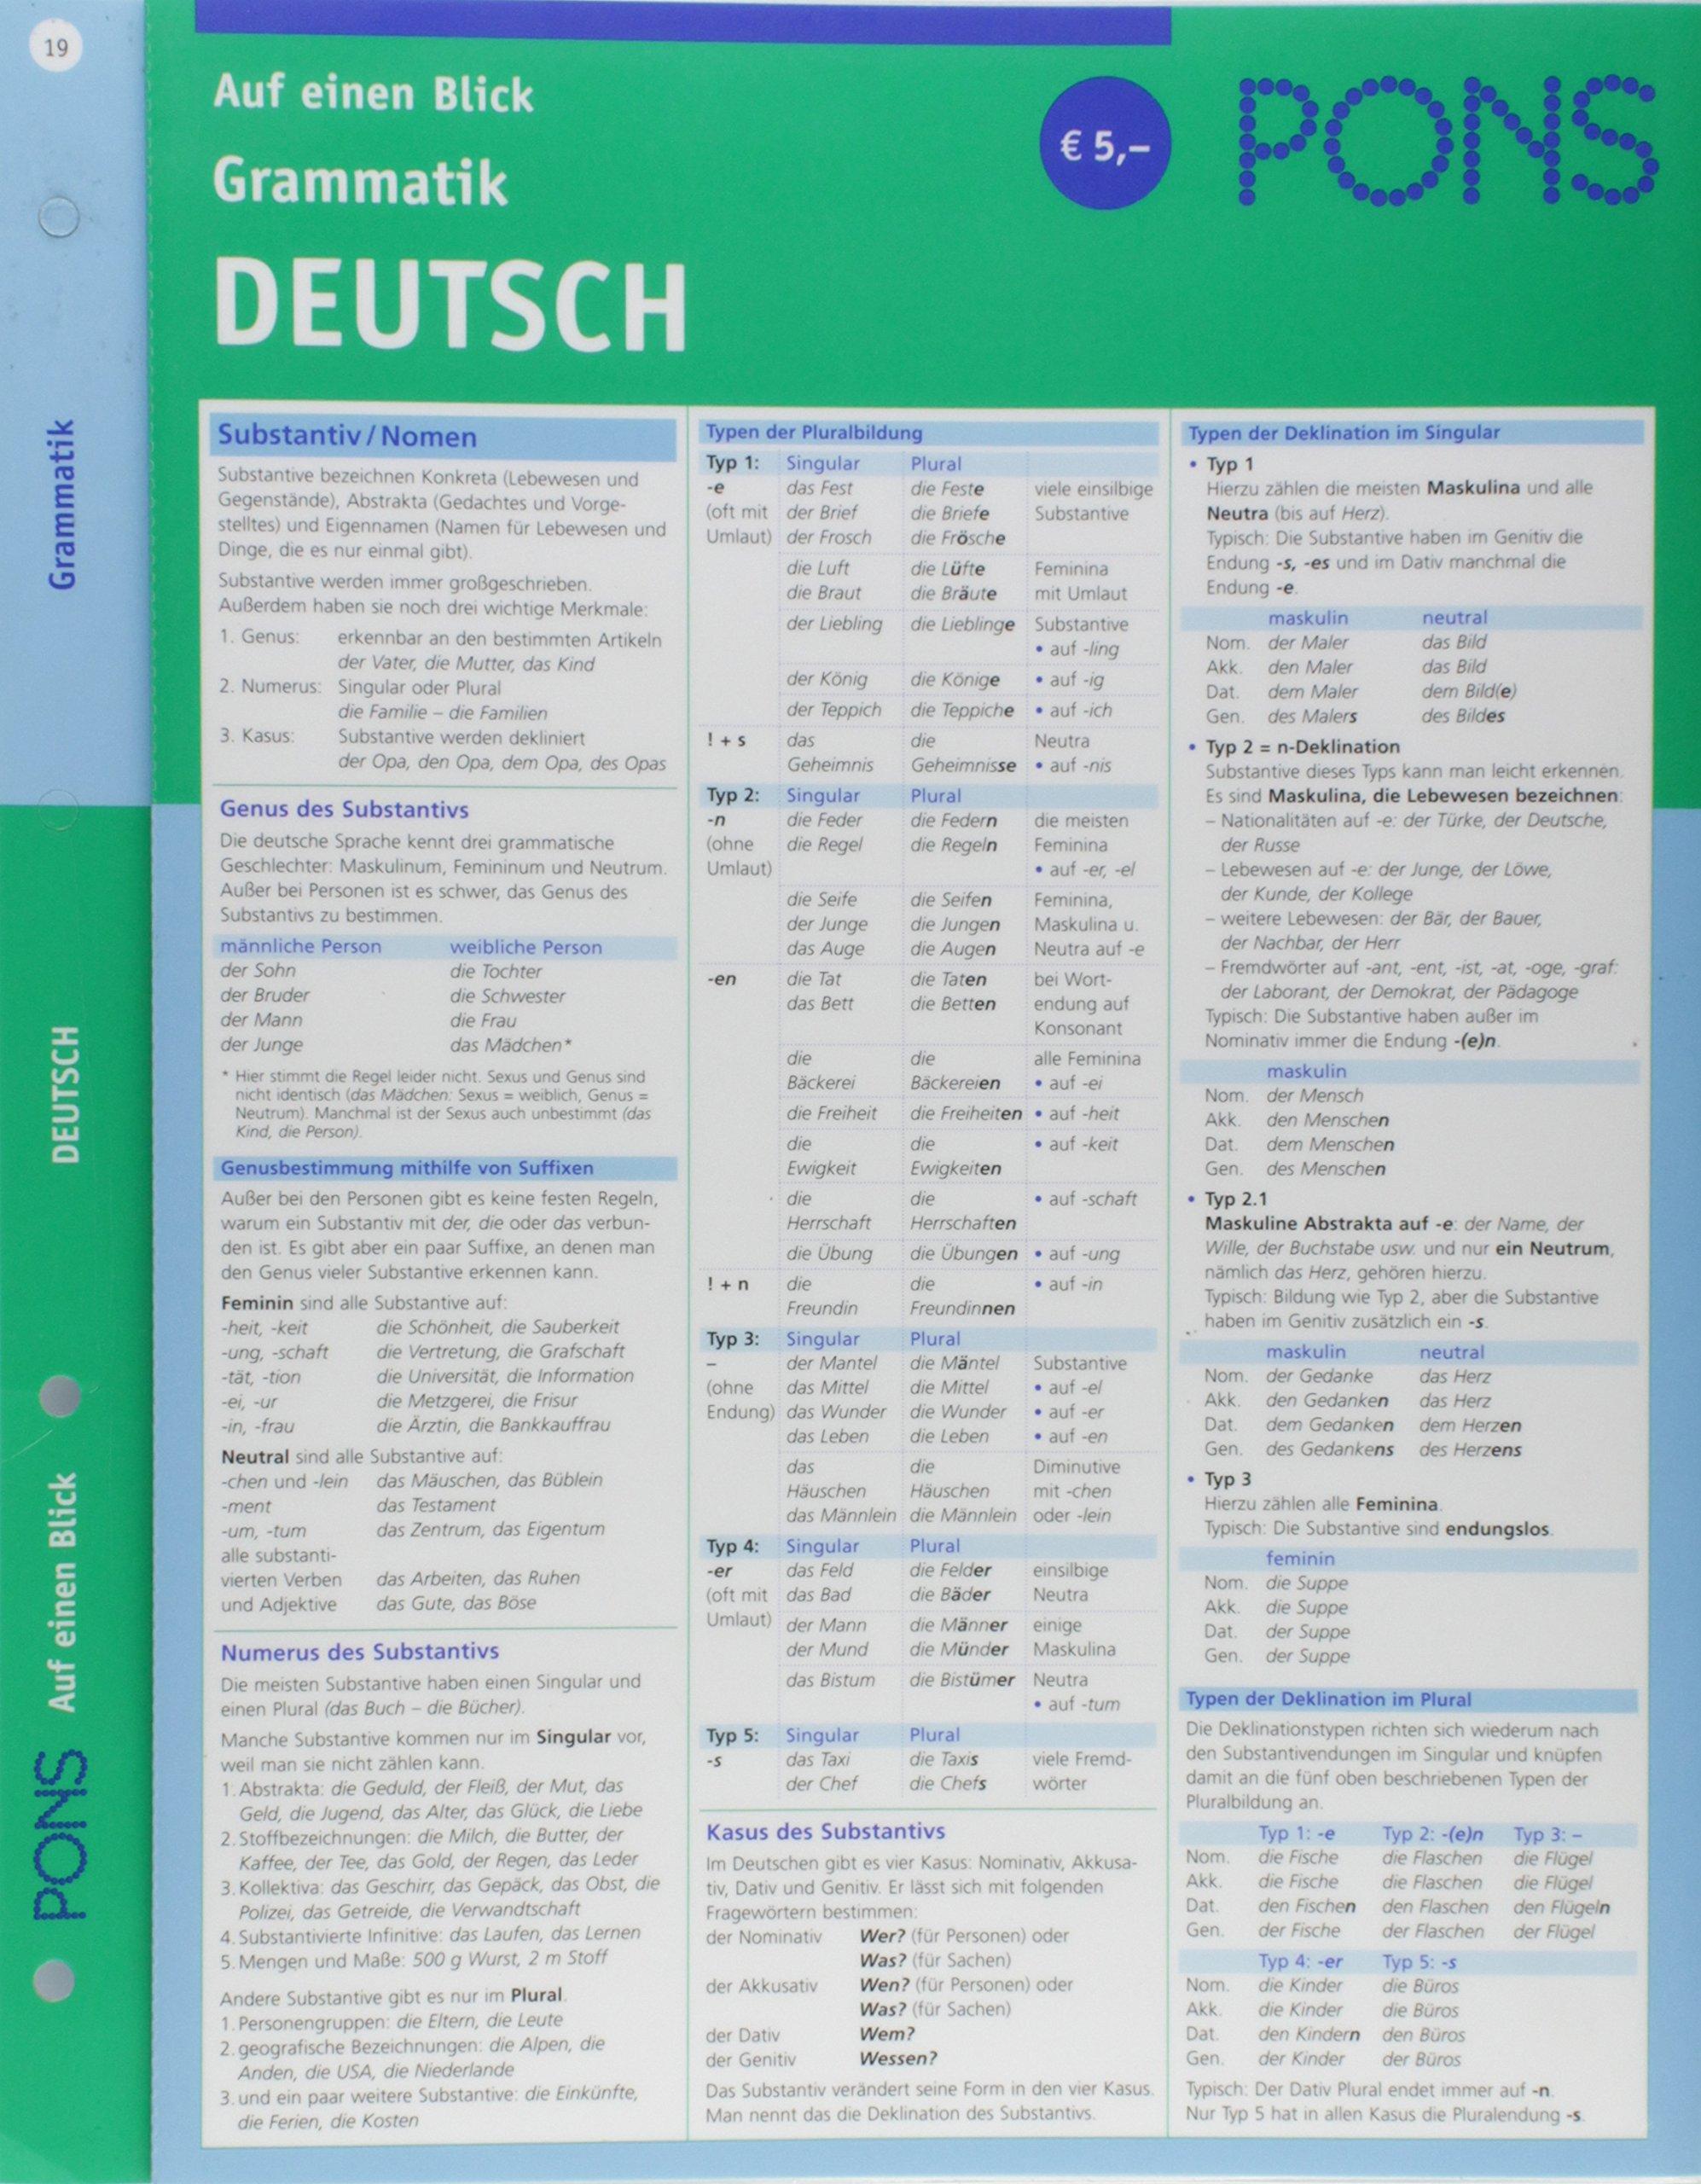 PONS Grammatik auf einen Blick Deutsch: kompakte Übersicht, Grammatikregeln nachschlagen